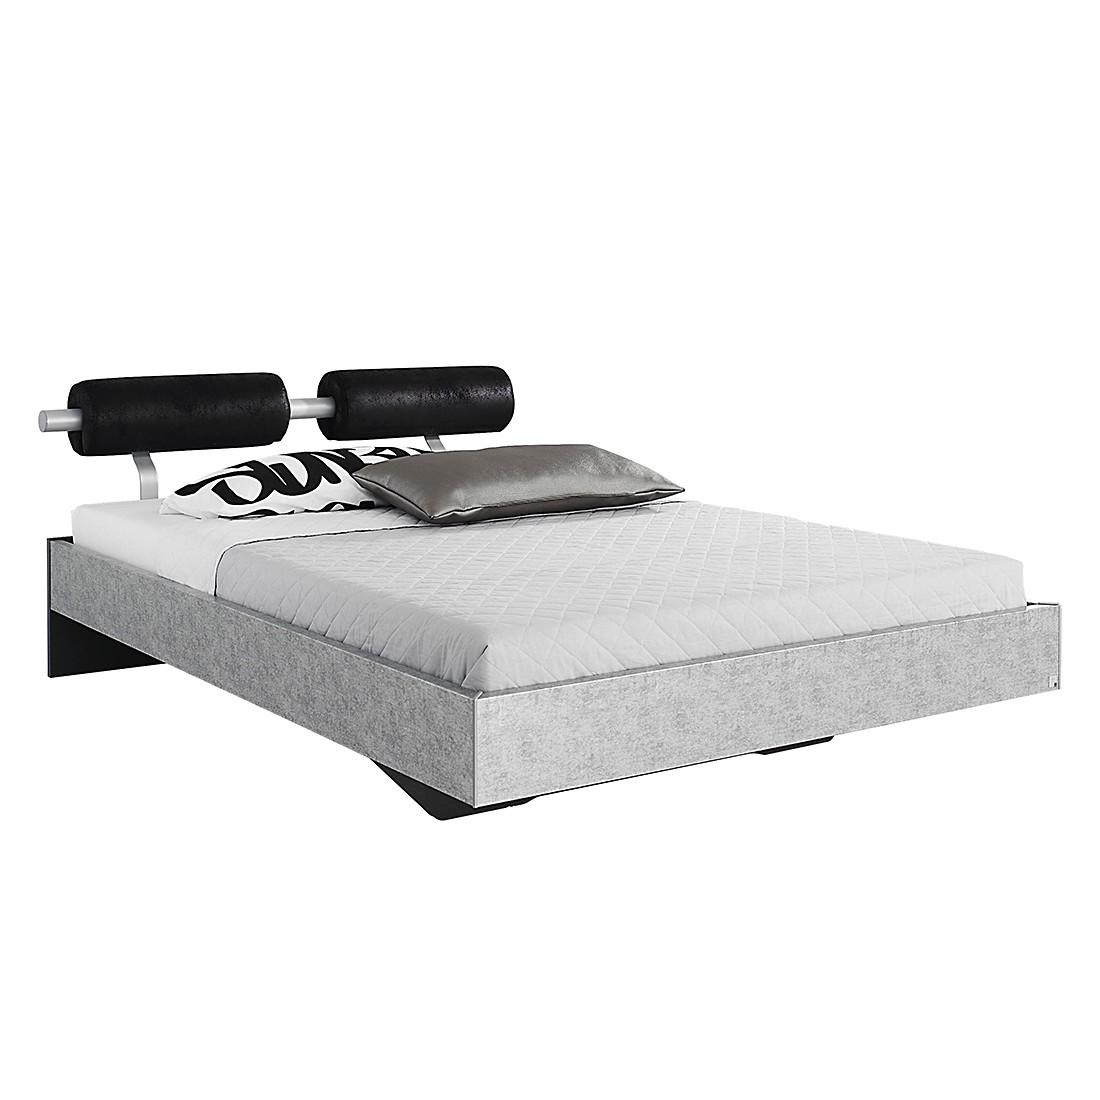 twijfelaar bed 120x200 affordable bed kopen van x with twijfelaar bed 120x200 twijfelaar bed. Black Bedroom Furniture Sets. Home Design Ideas